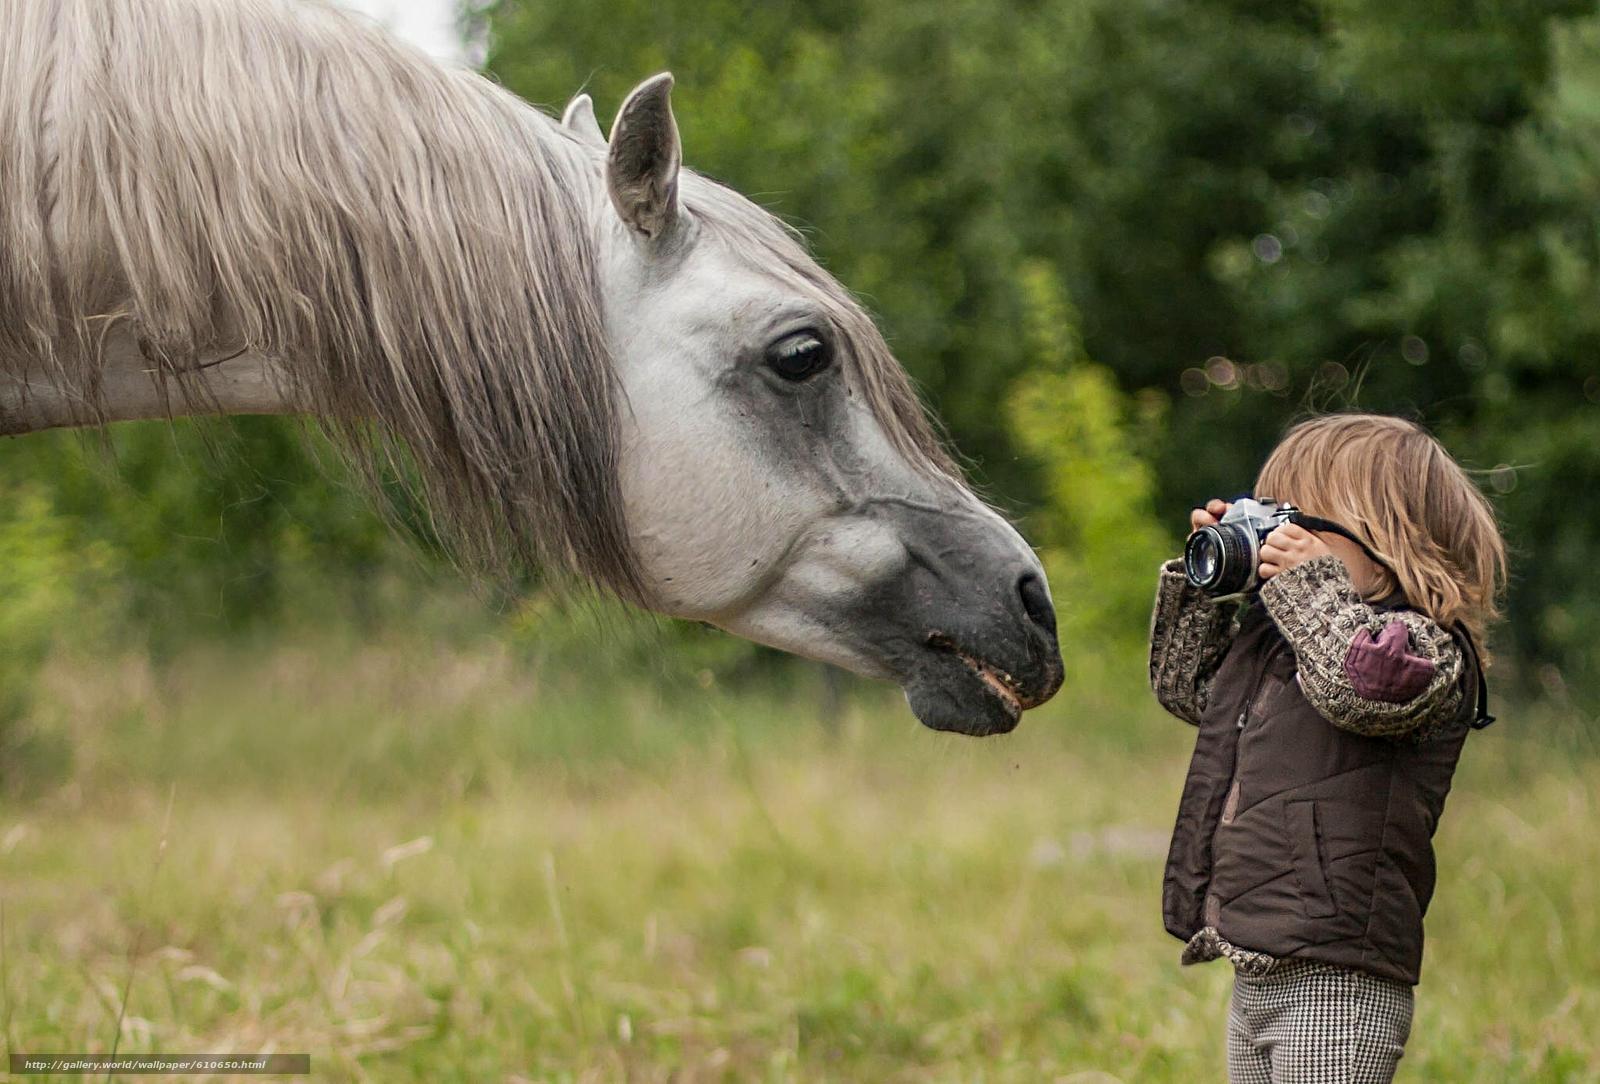 Скачать обои лошадь,  конь,  морда,  грива бесплатно для рабочего стола в разрешении 2048x1387 — картинка №610650